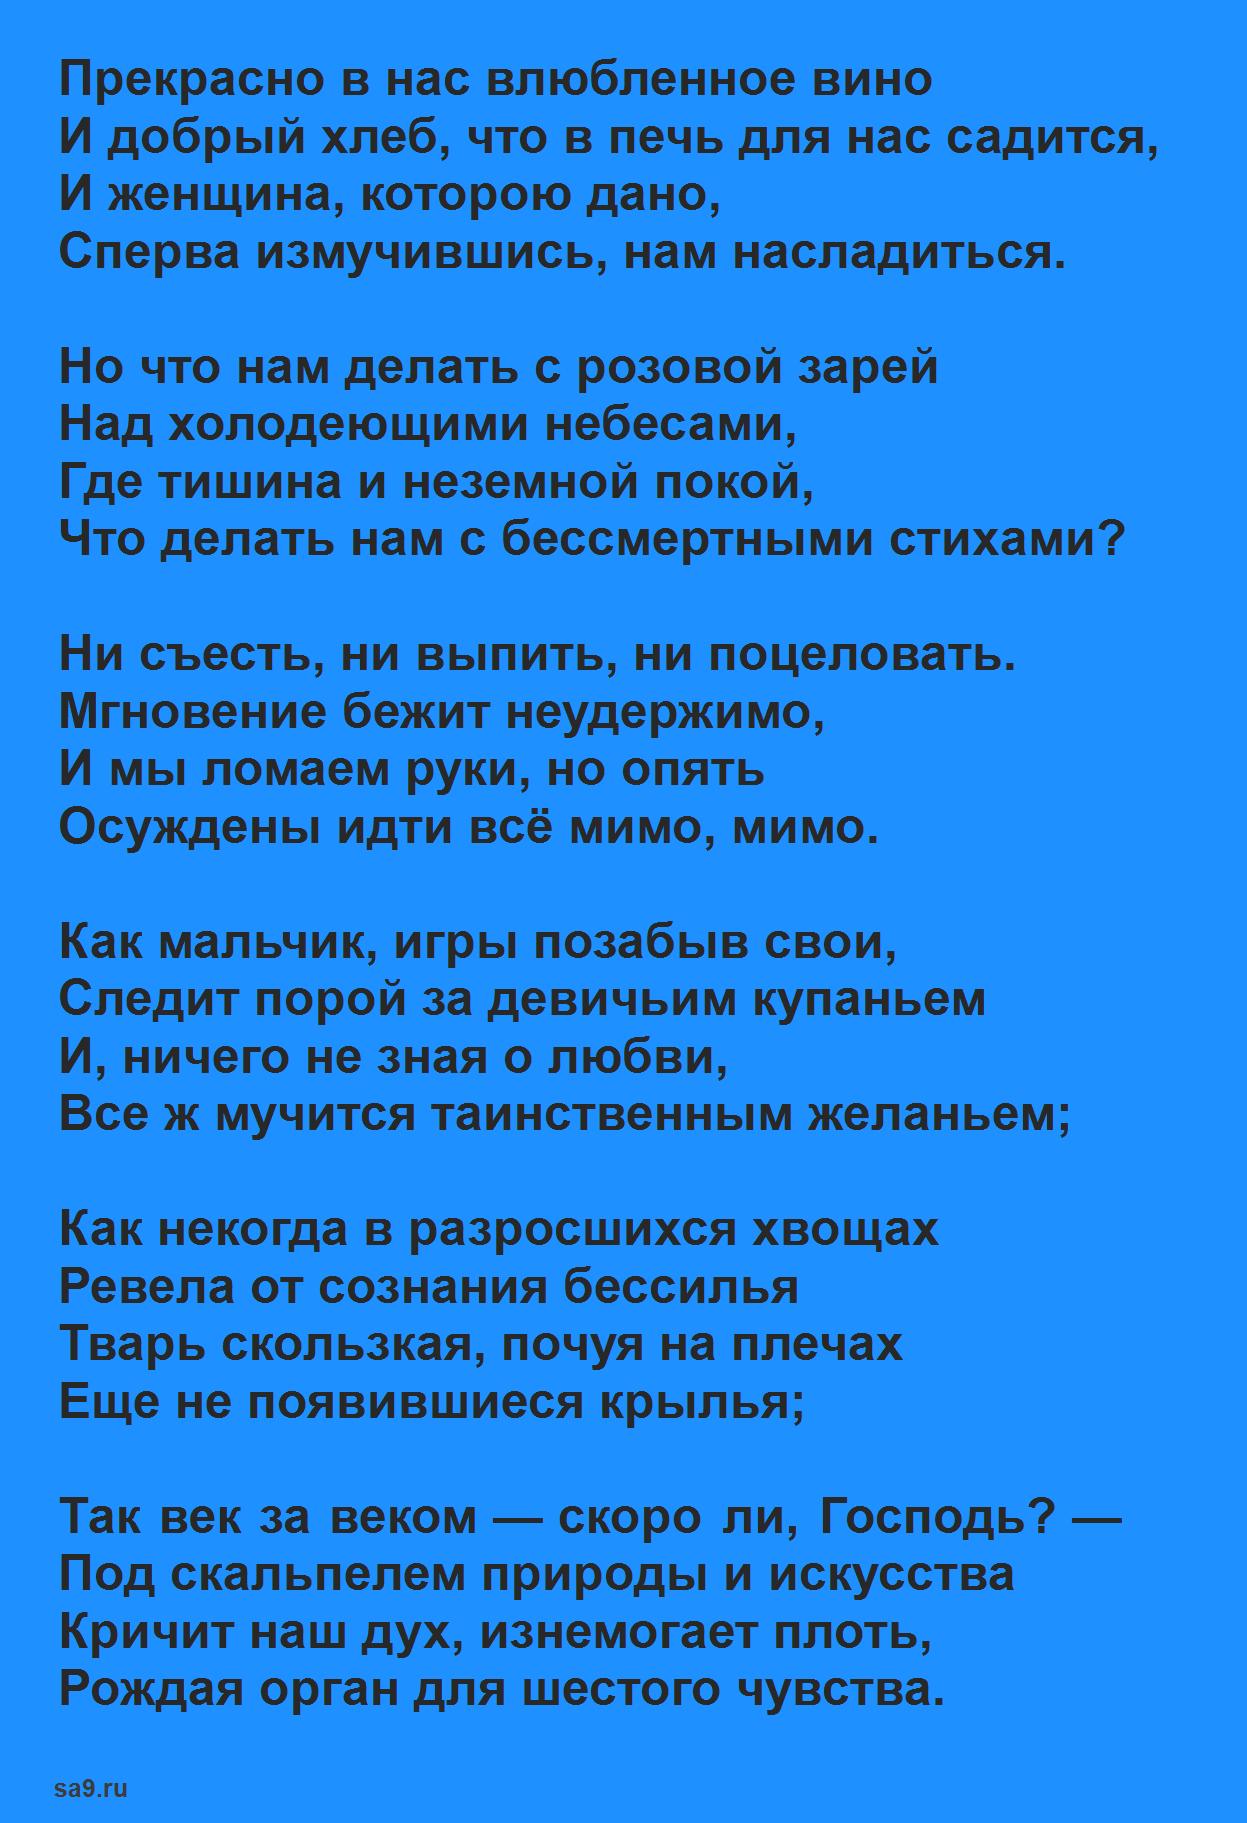 Стихи про любовь поэтов классиков, Гумилев